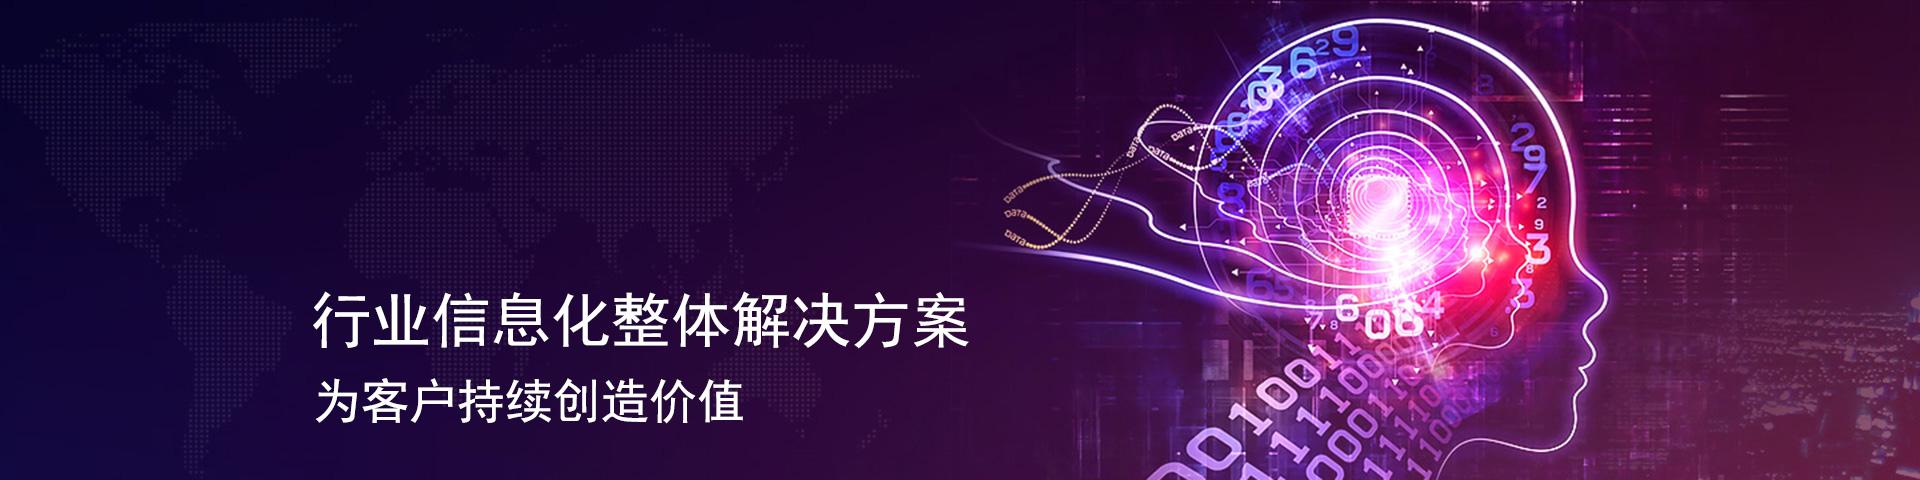 北京mile体育官方网站开发